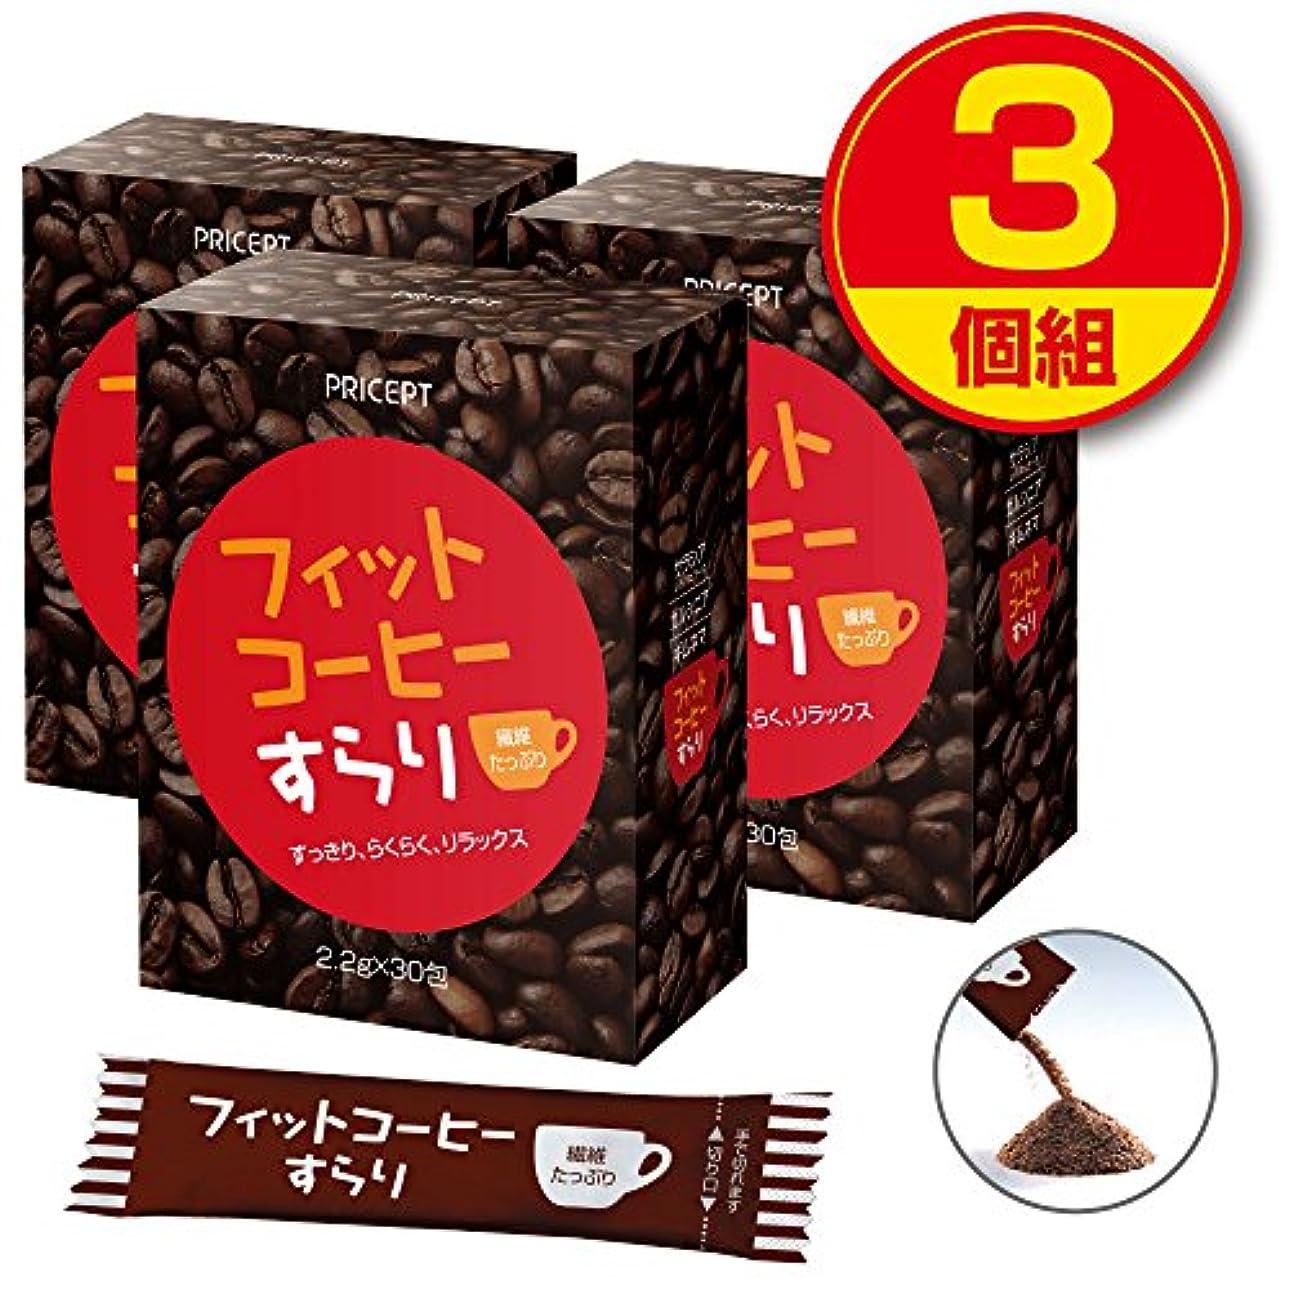 一見ヒゲバストプリセプト フィットコーヒーすらり 30包【3個組(90包)】(ダイエットサポートコーヒー)